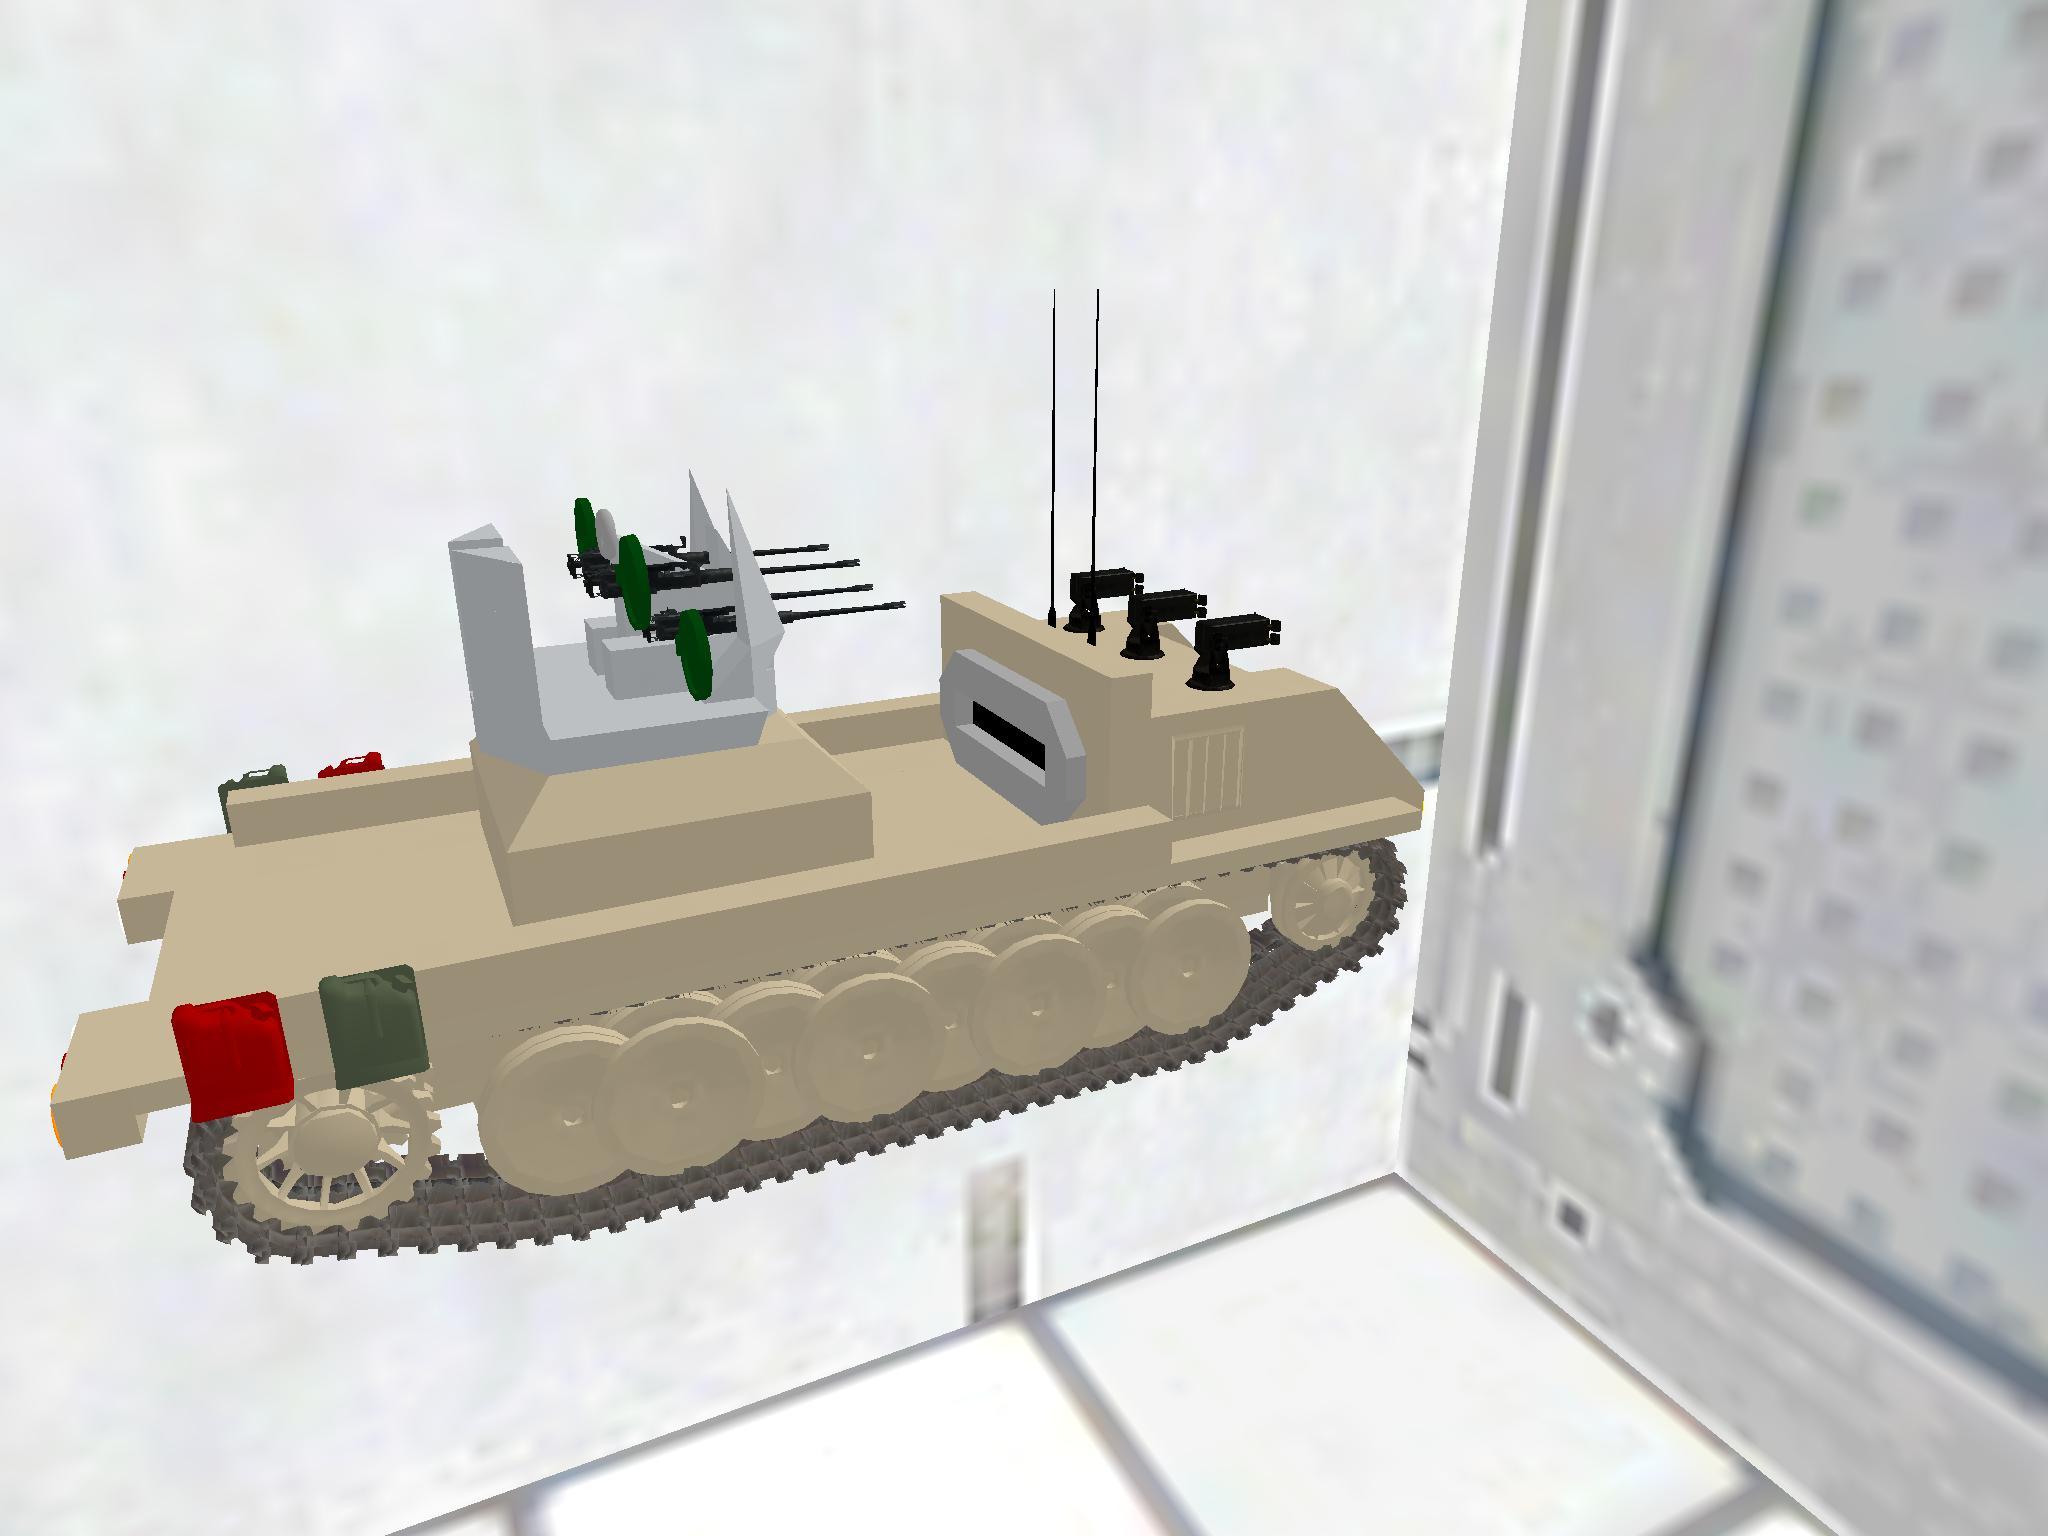 AA-Gun On a Tracked vehicle